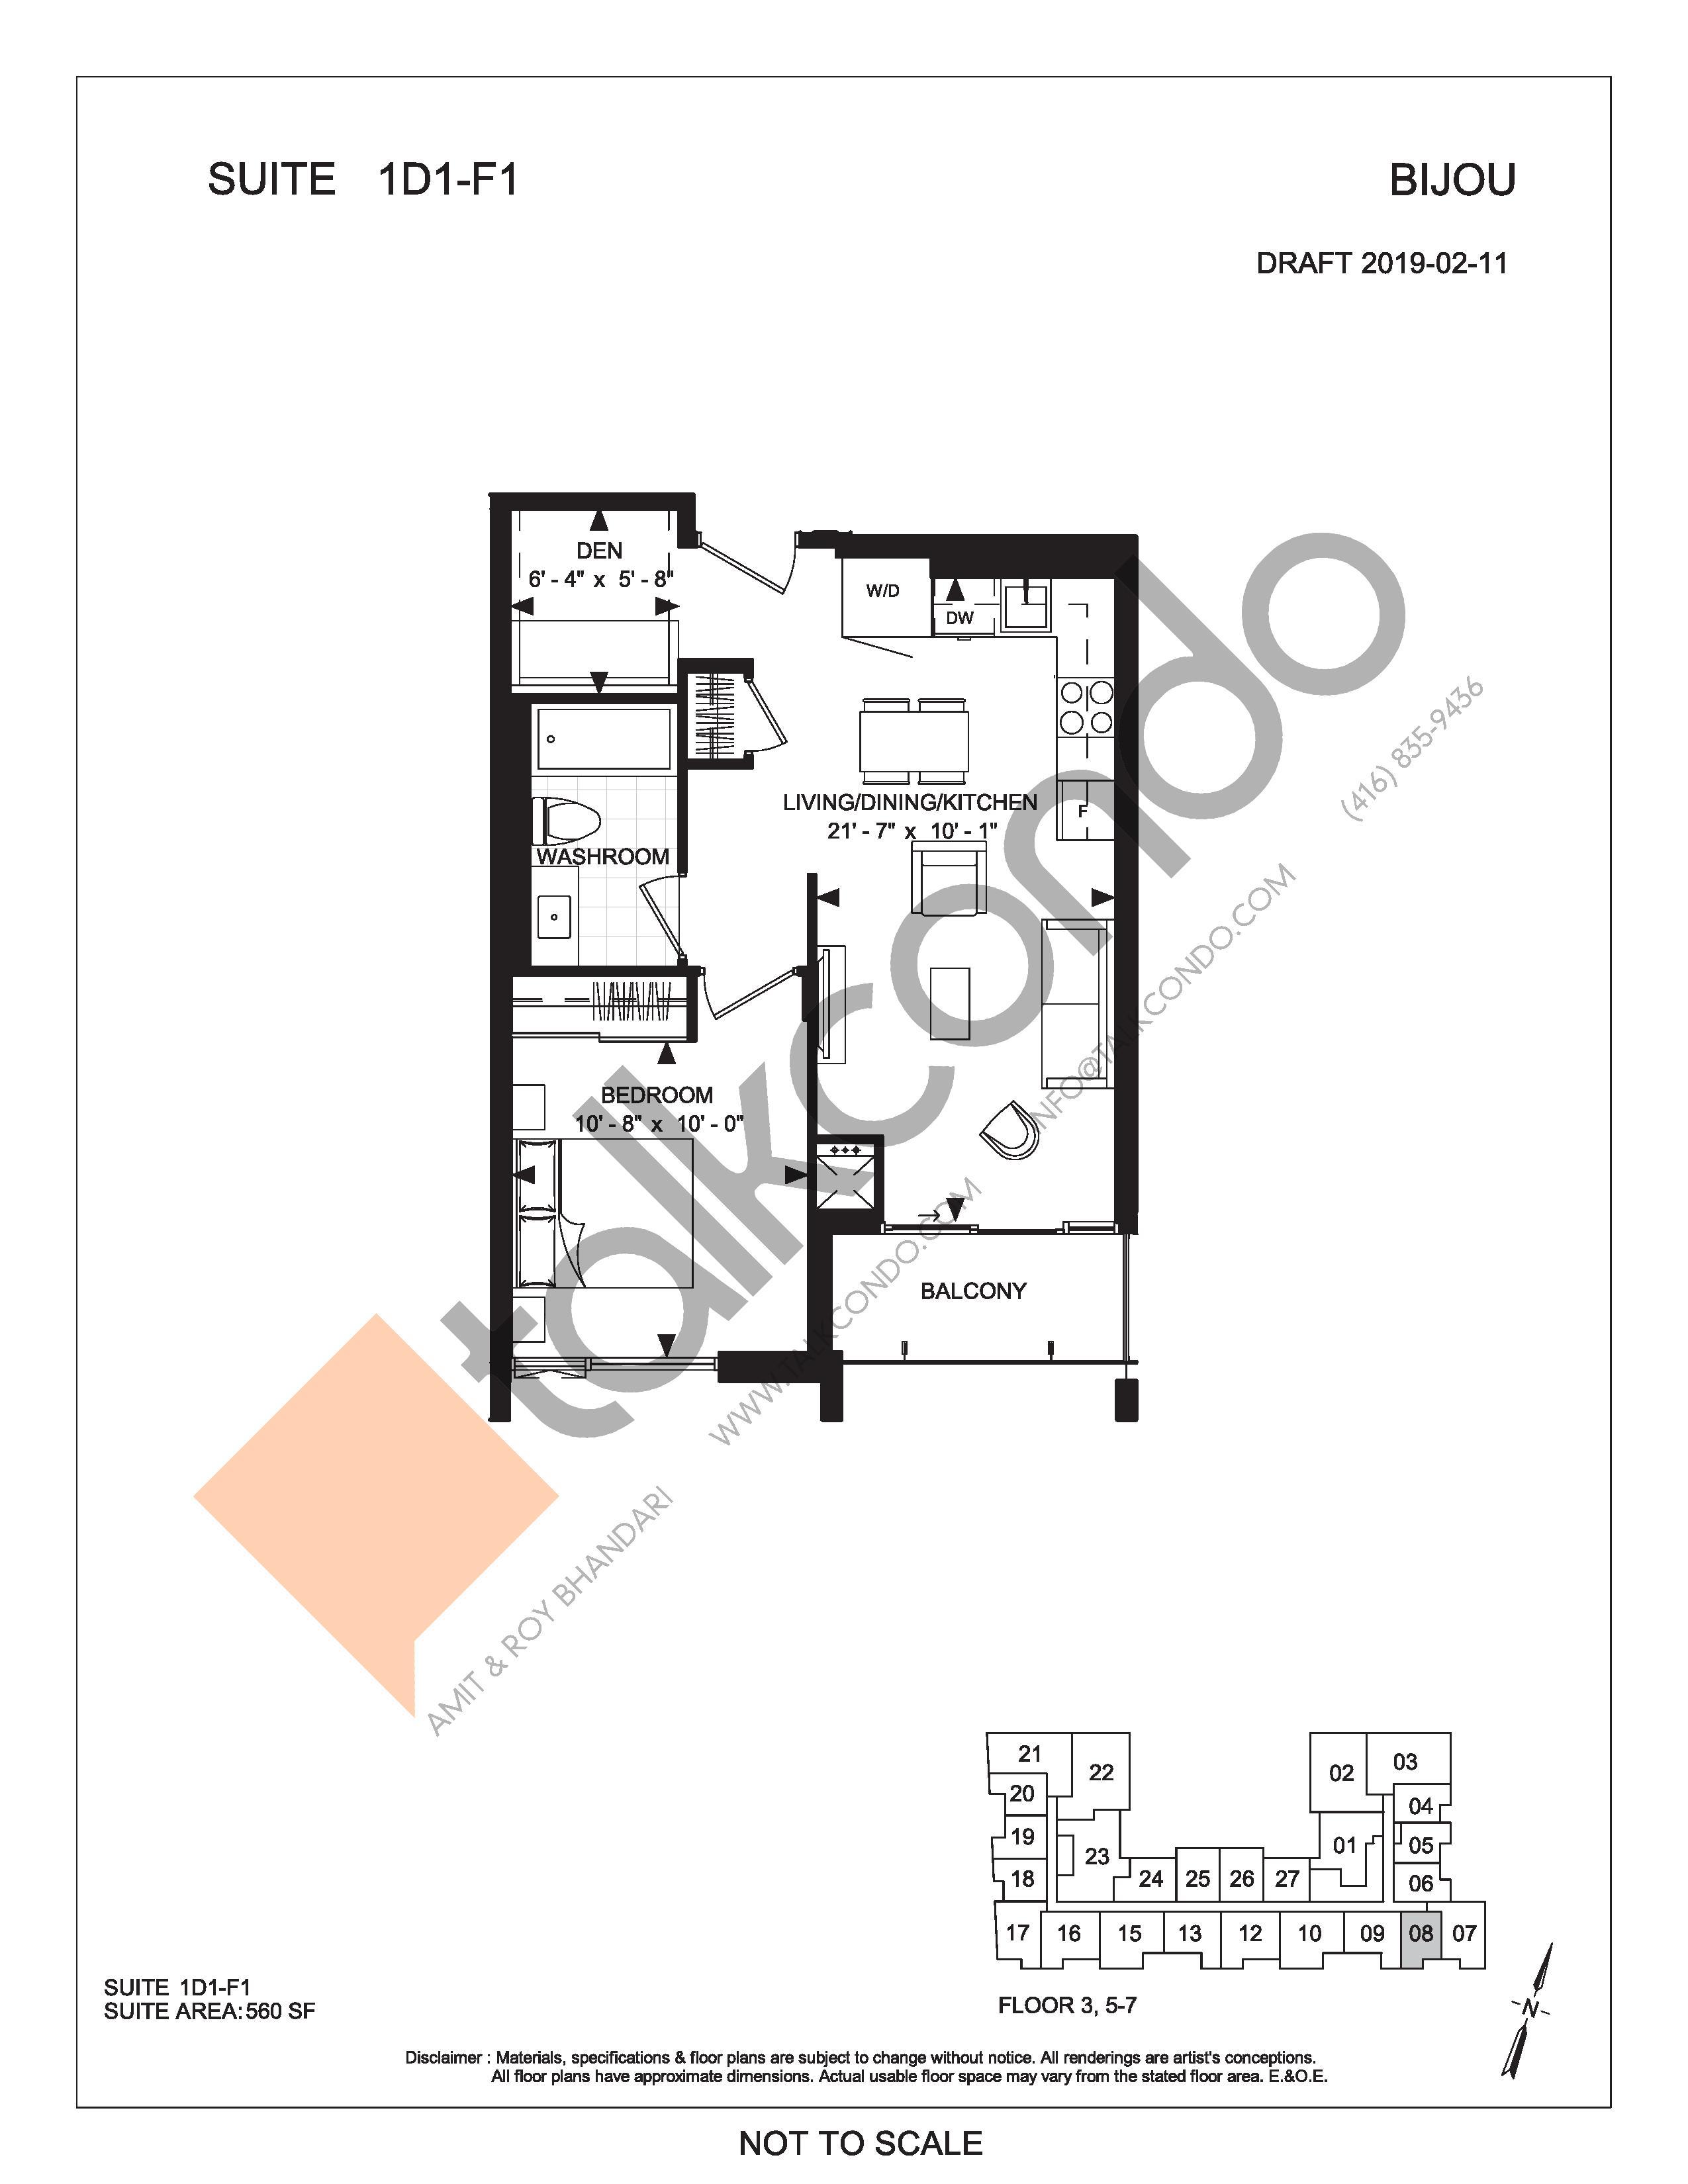 Suite 1D1-F1 Floor Plan at Bijou On Bloor Condos - 560 sq.ft